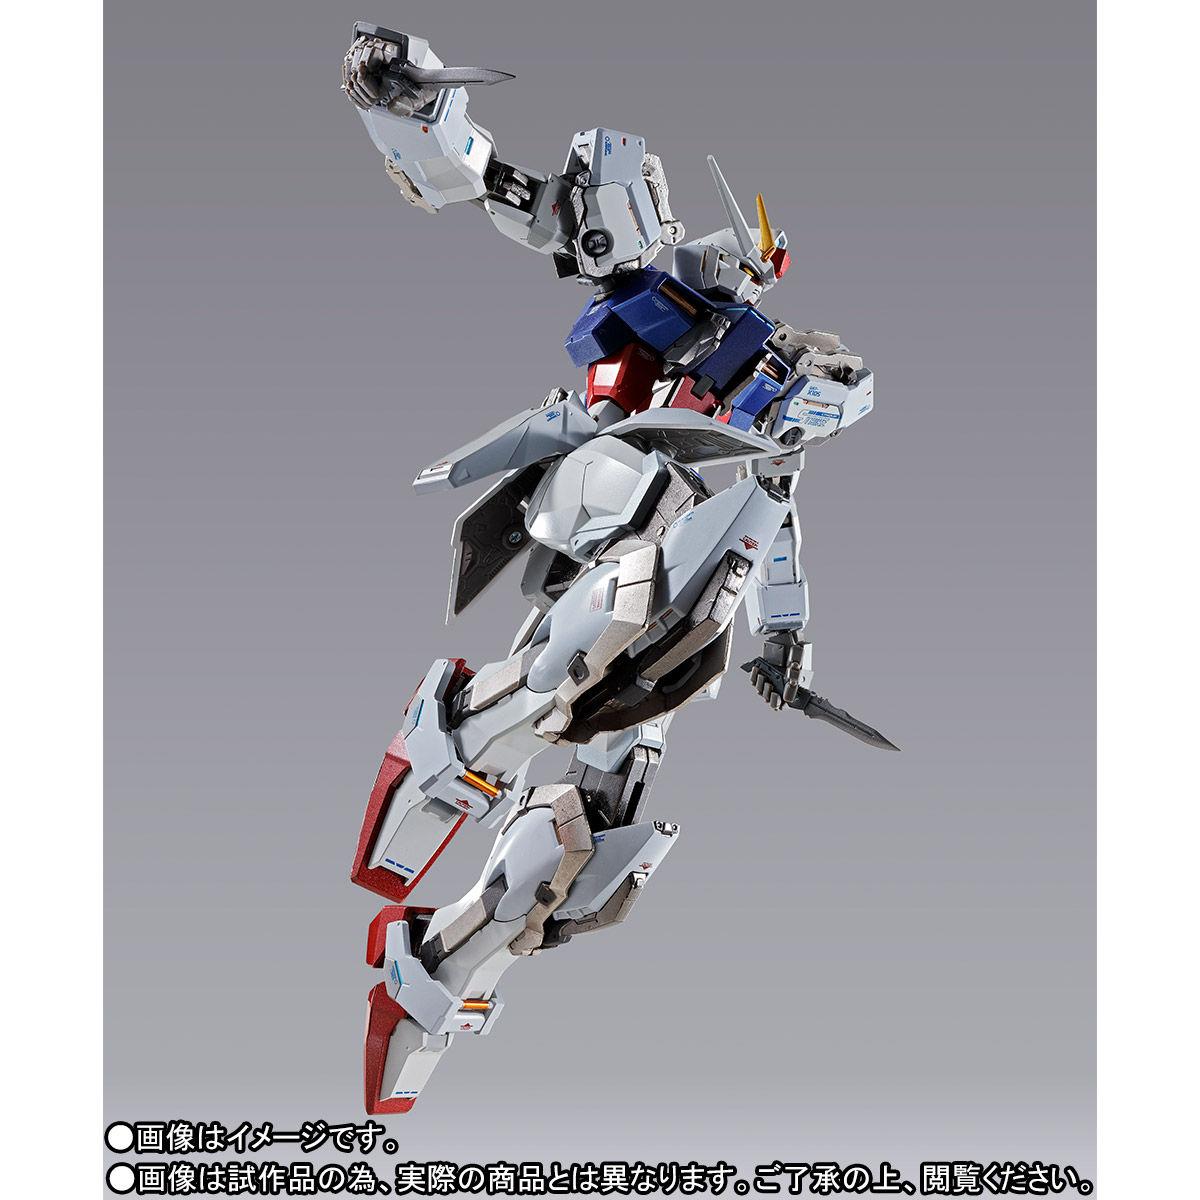 【受注販売】METAL BUILD『ストライクガンダム』機動戦士ガンダムSEED 可動フィギュア-007